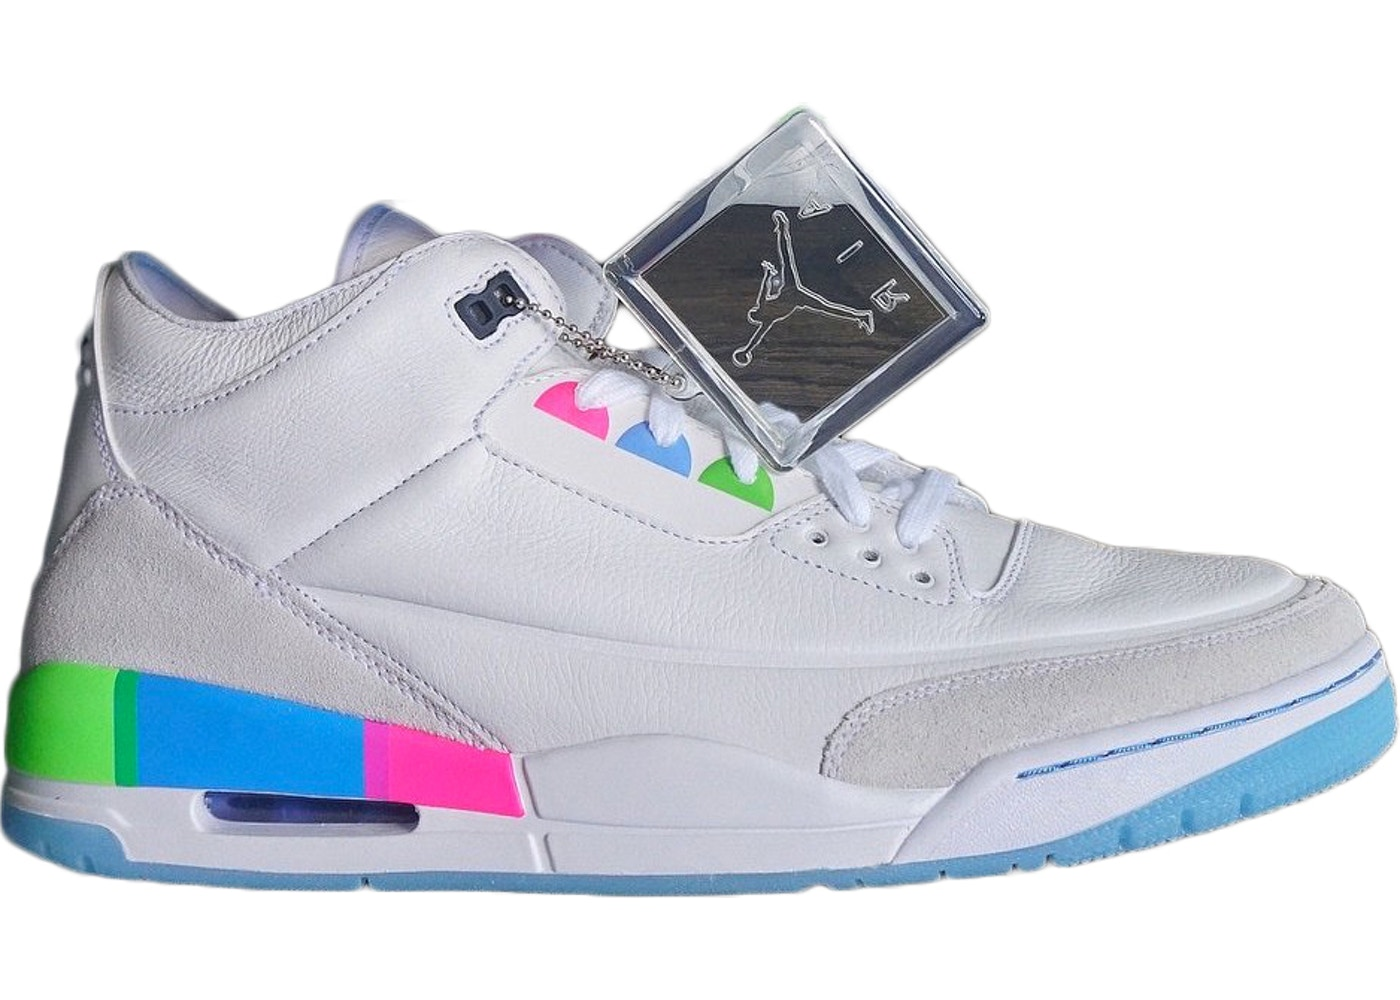 4a81a34c959475 Air Jordan 3 Shoes - Average Sale Price